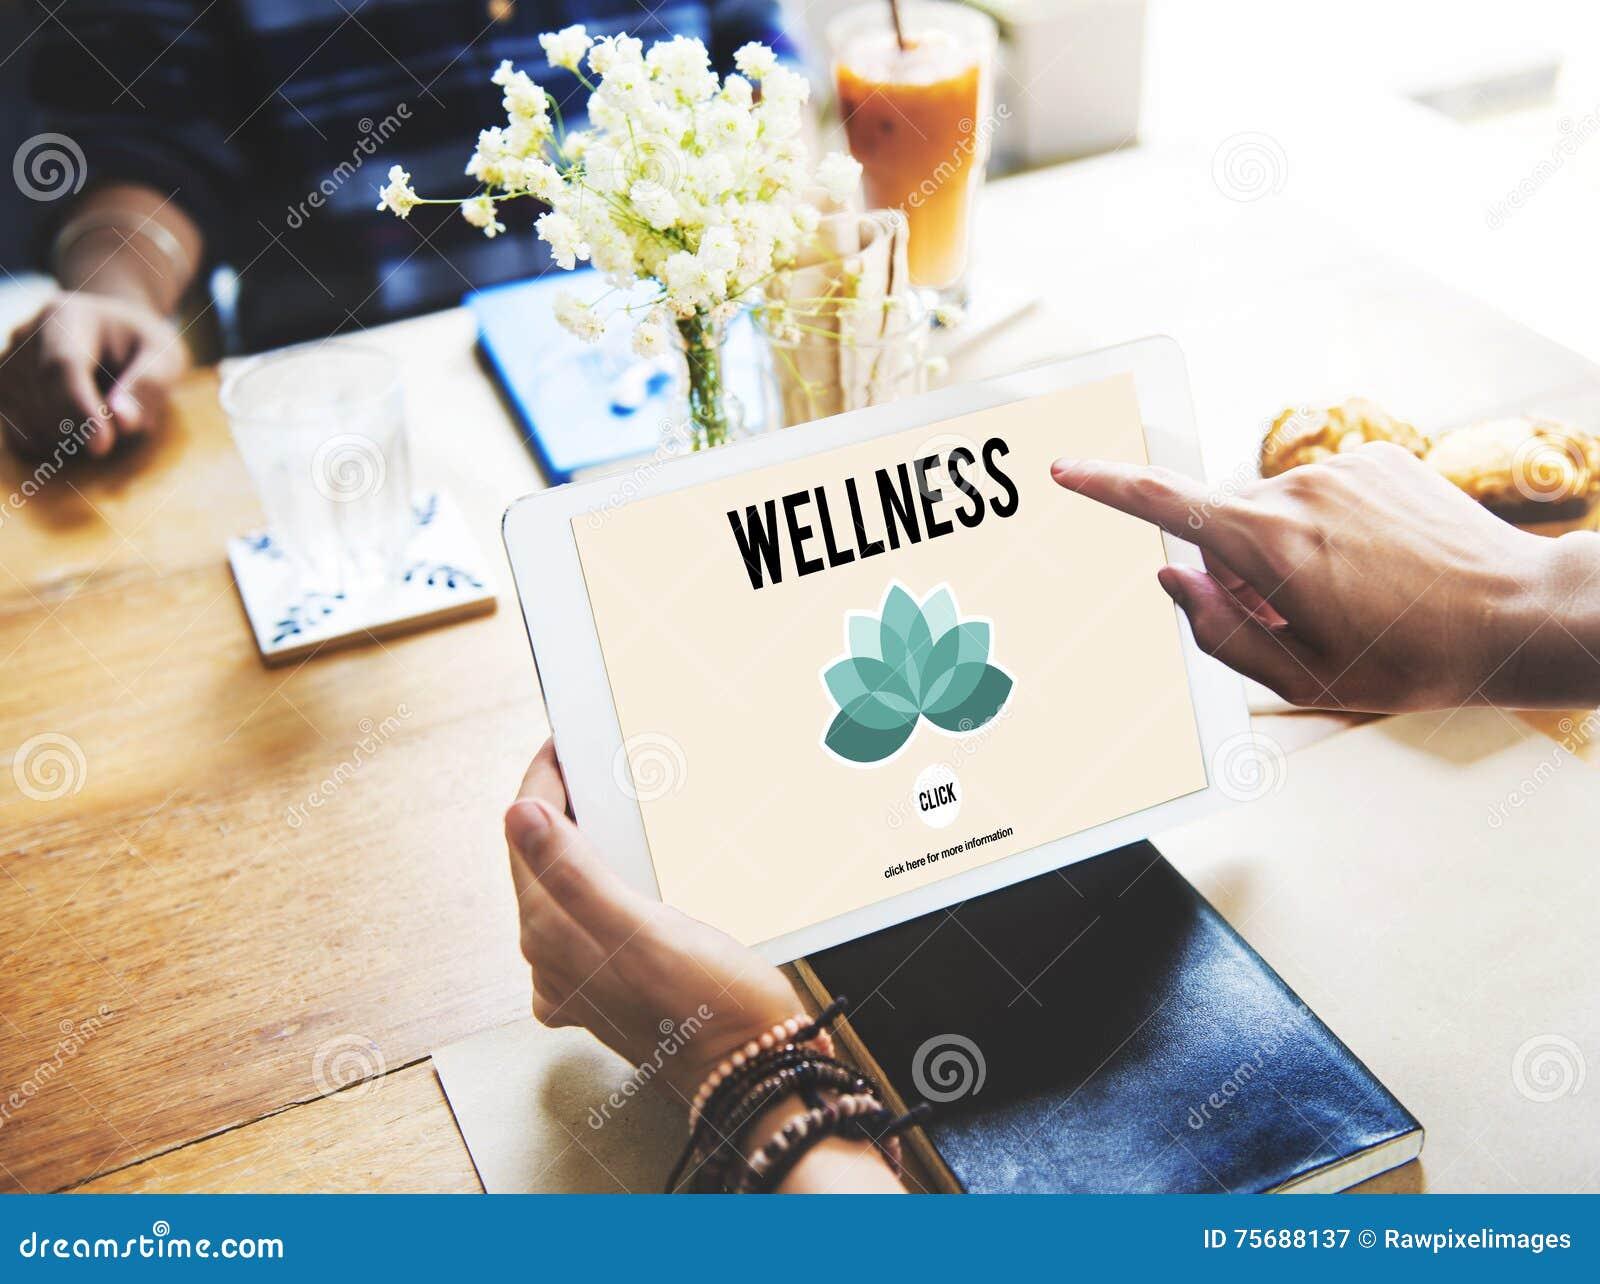 La naturaleza de la buena salud de la aptitud de la energía de la salud relaja concepto